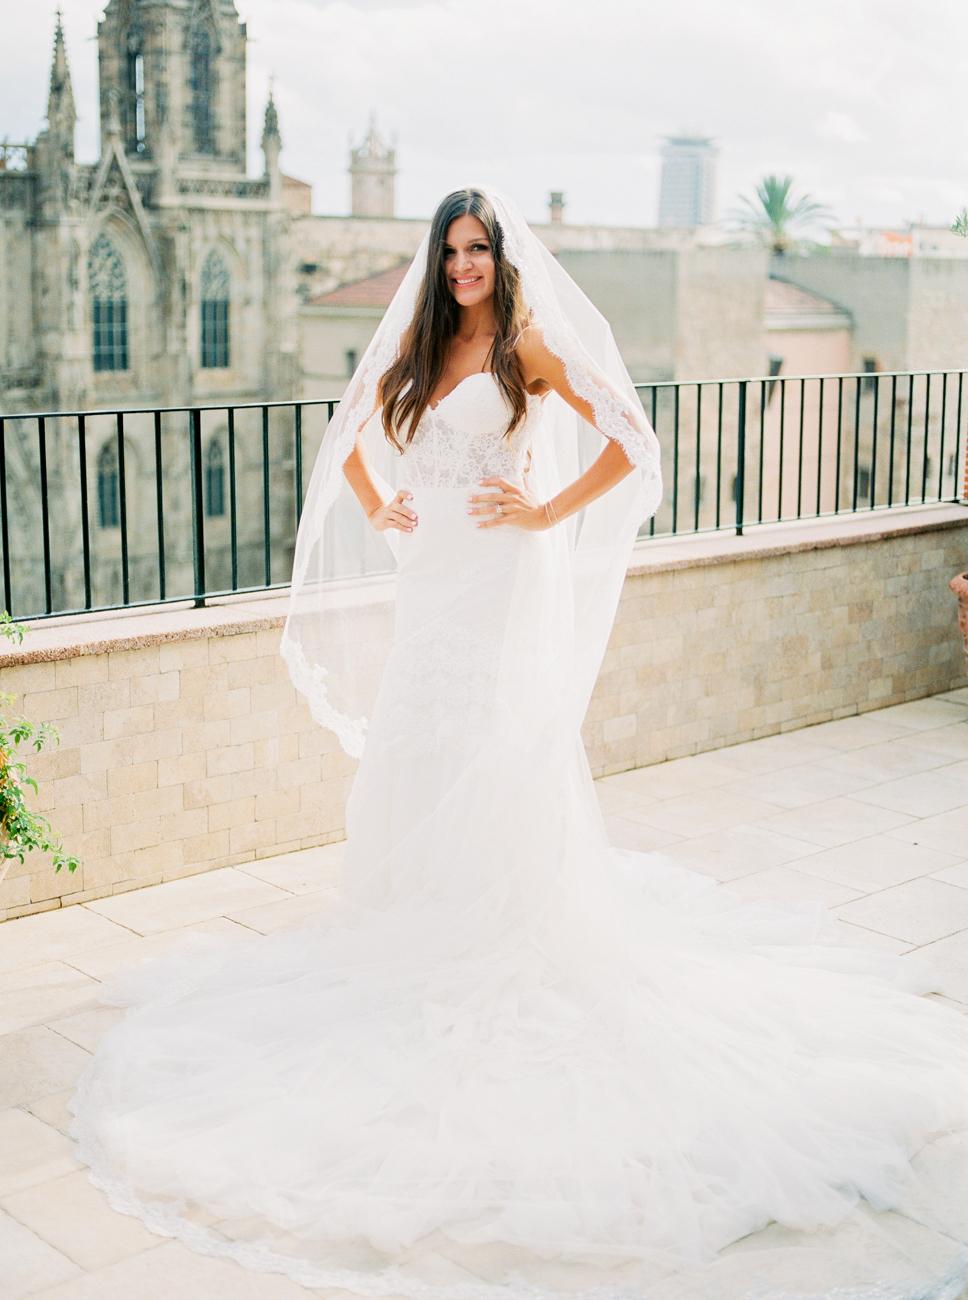 DennisRoyCoronel_Barcelona_Wedding-46.jpg